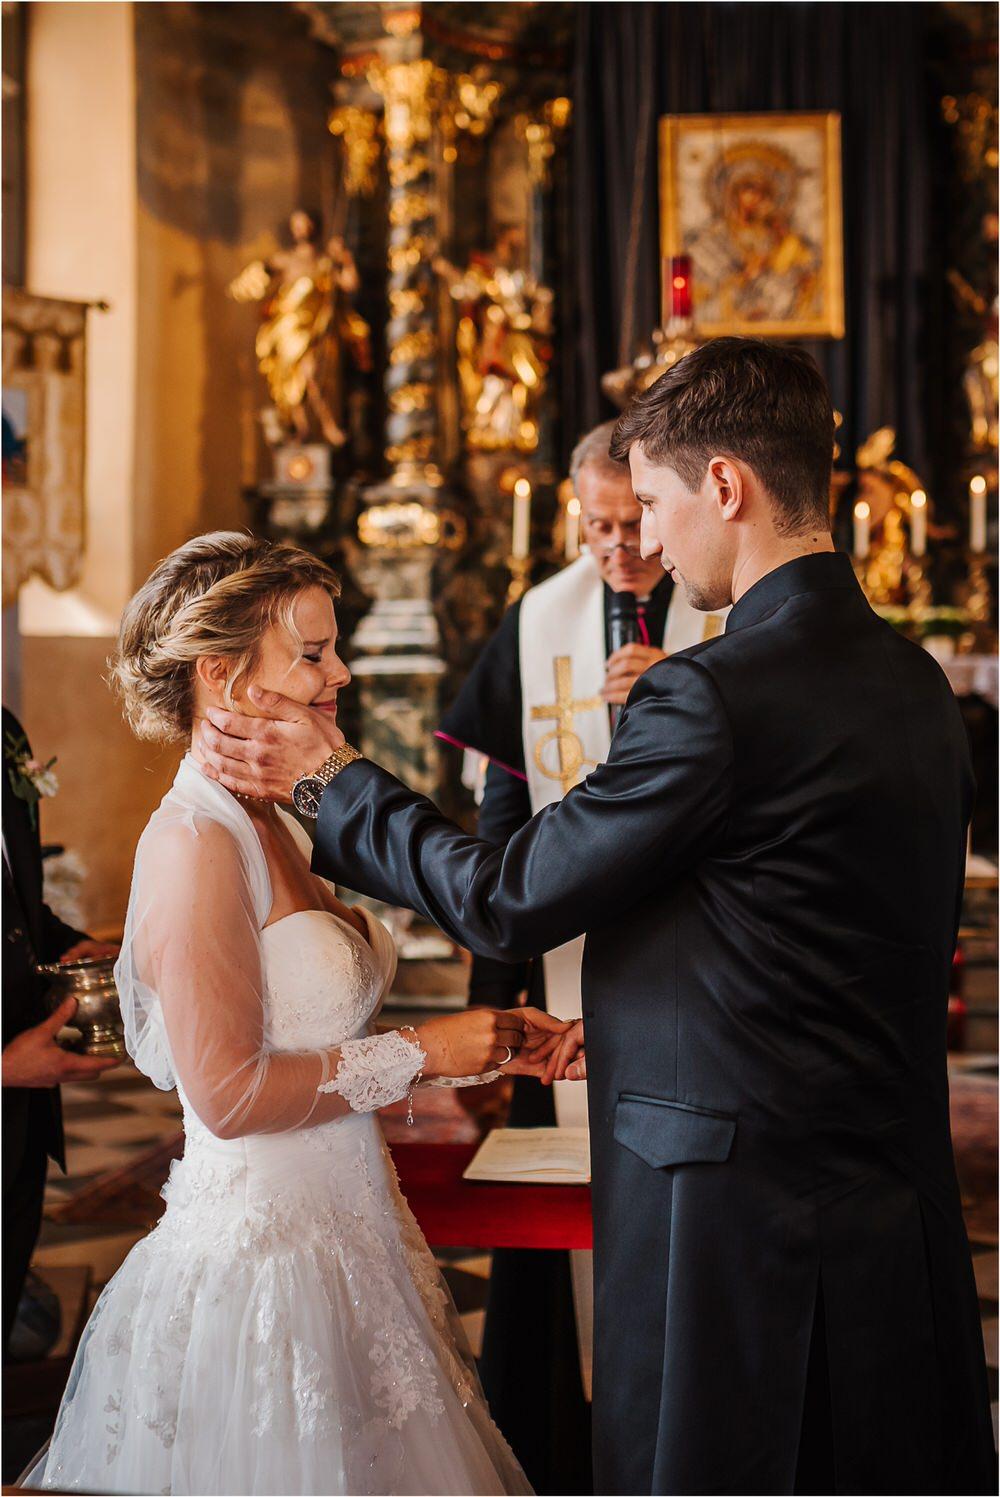 trippelgut kaernten oesterreich hochzeit fotograf phtoographer austria elegant wedding hochzeitsfotograf hochzeitsfotografie 0071.jpg